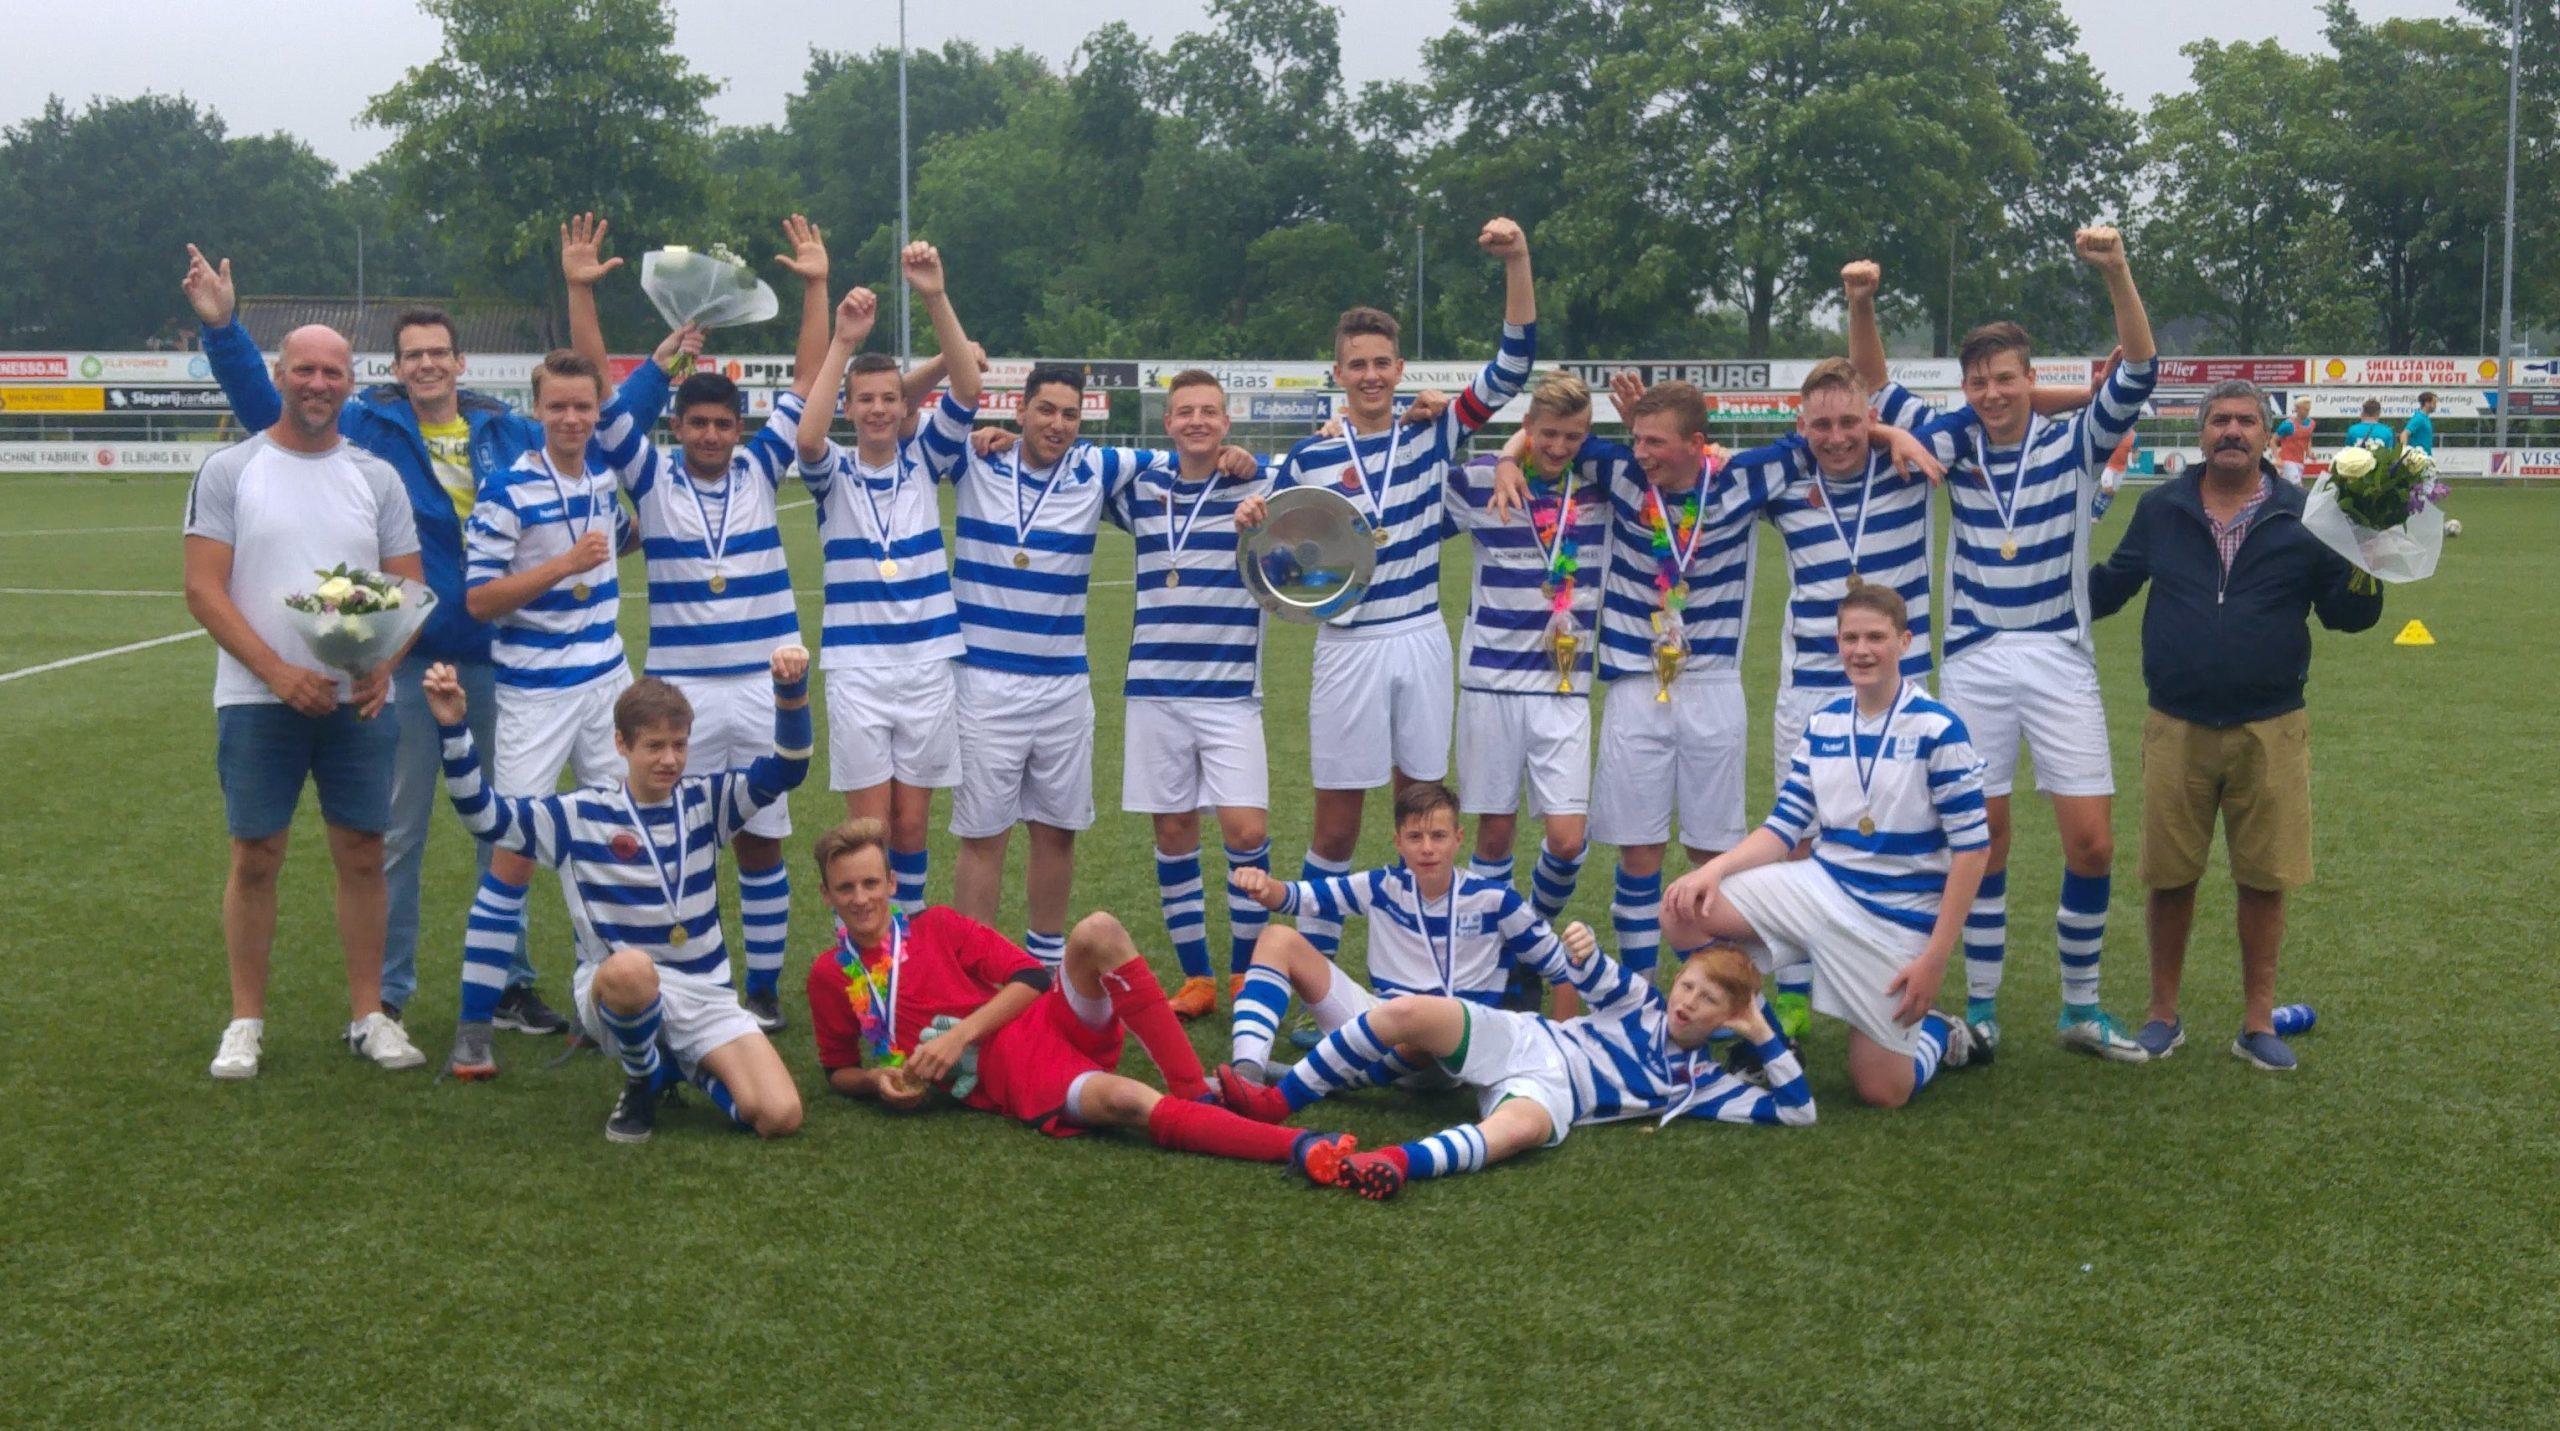 JO17-3 Kampioen - Elburger SC